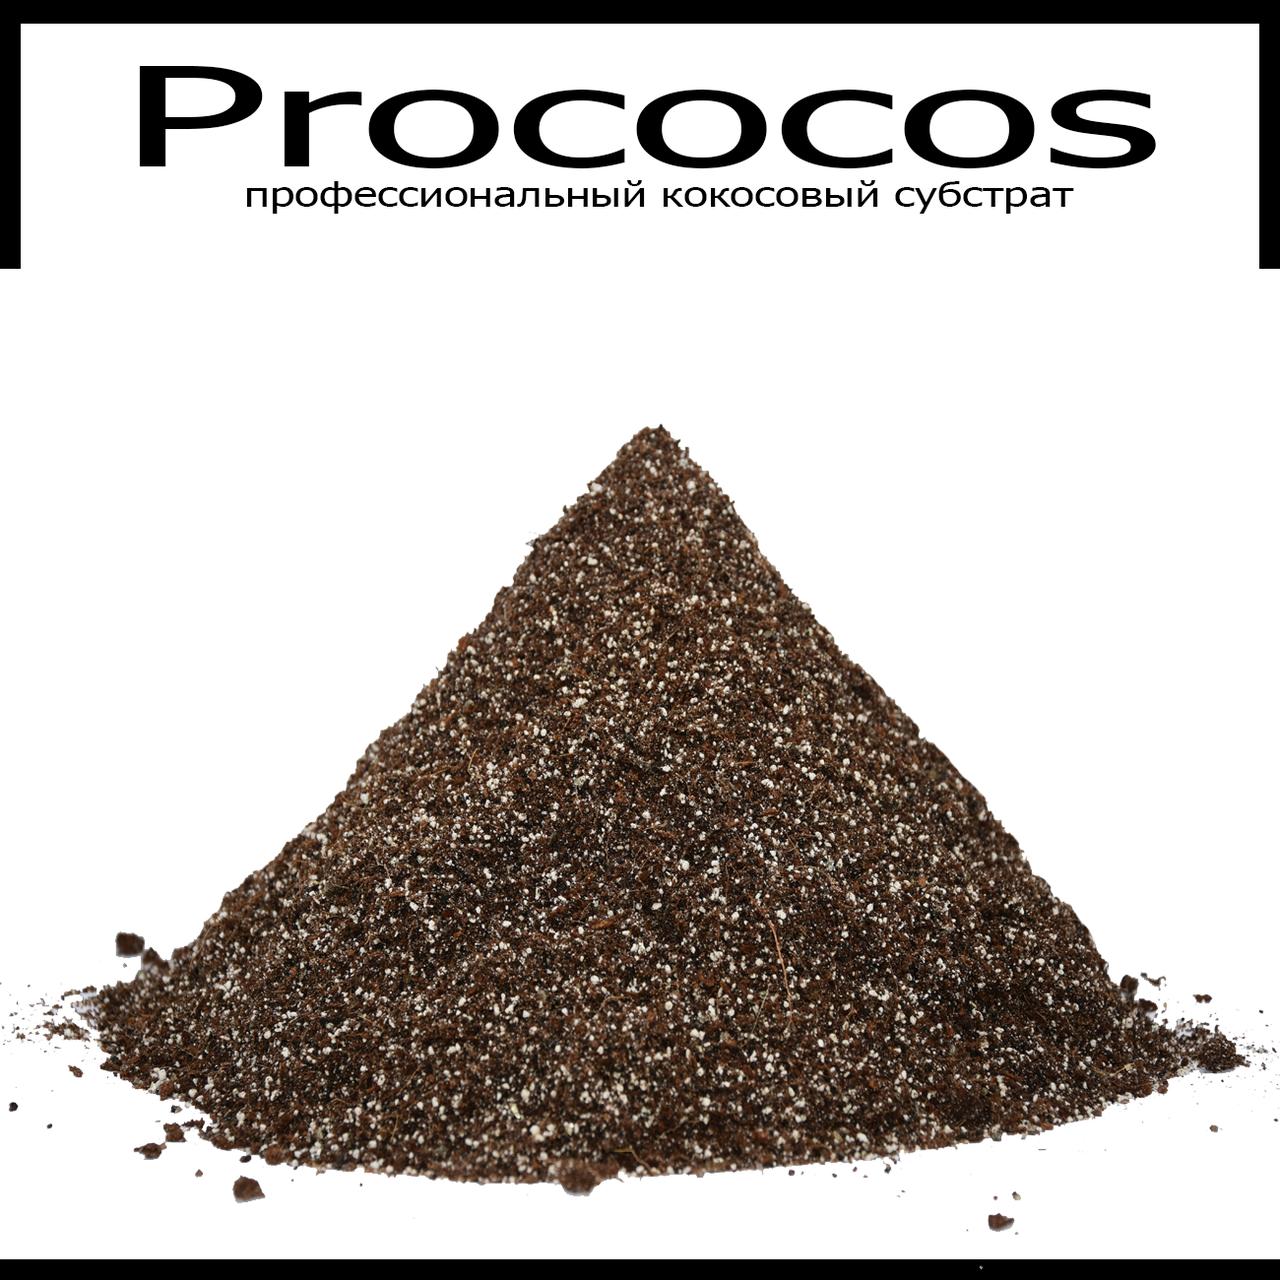 Профессиональный кокосовый субстрат Prococos 50л. Bio Grow для гроверов и ситифермеров